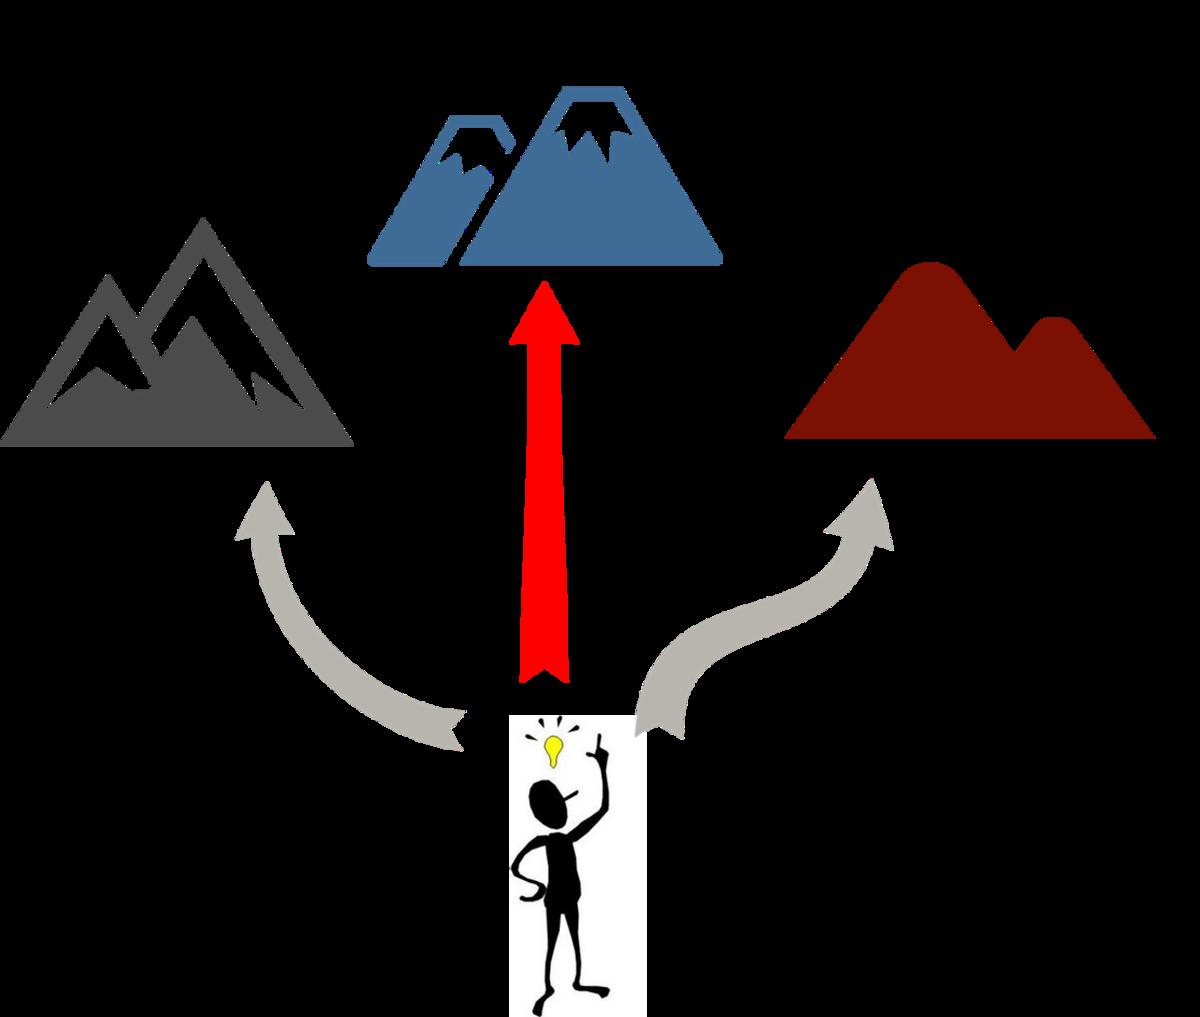 登るべき山の候補を想定して登り方を考える